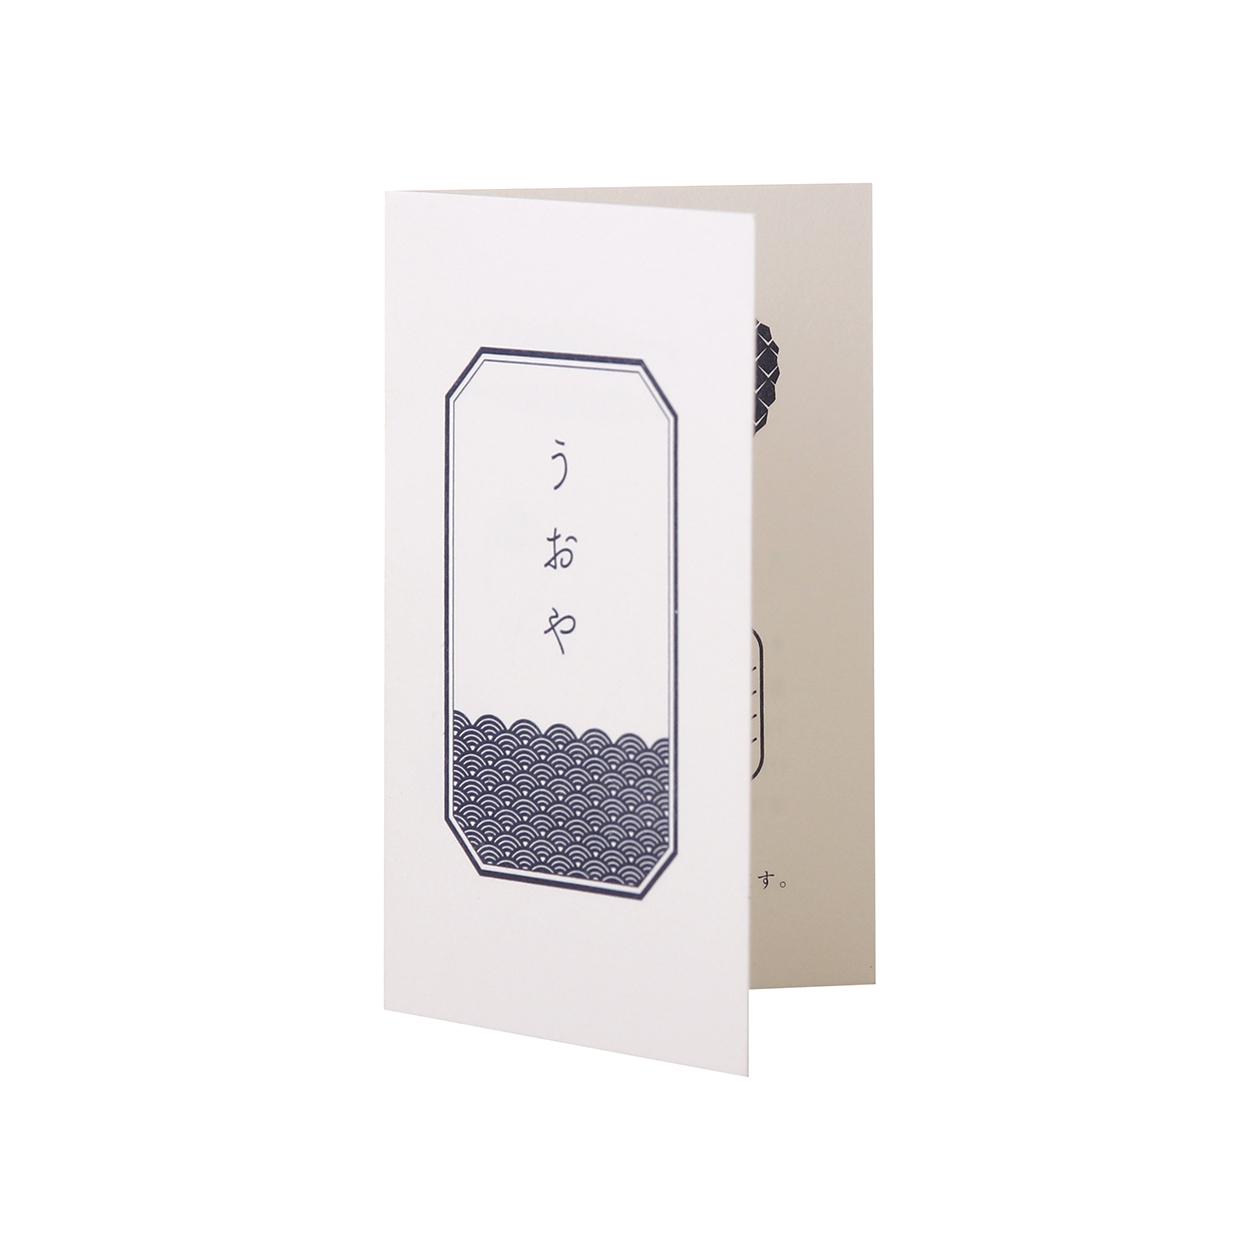 サンプル カード・シート 00344